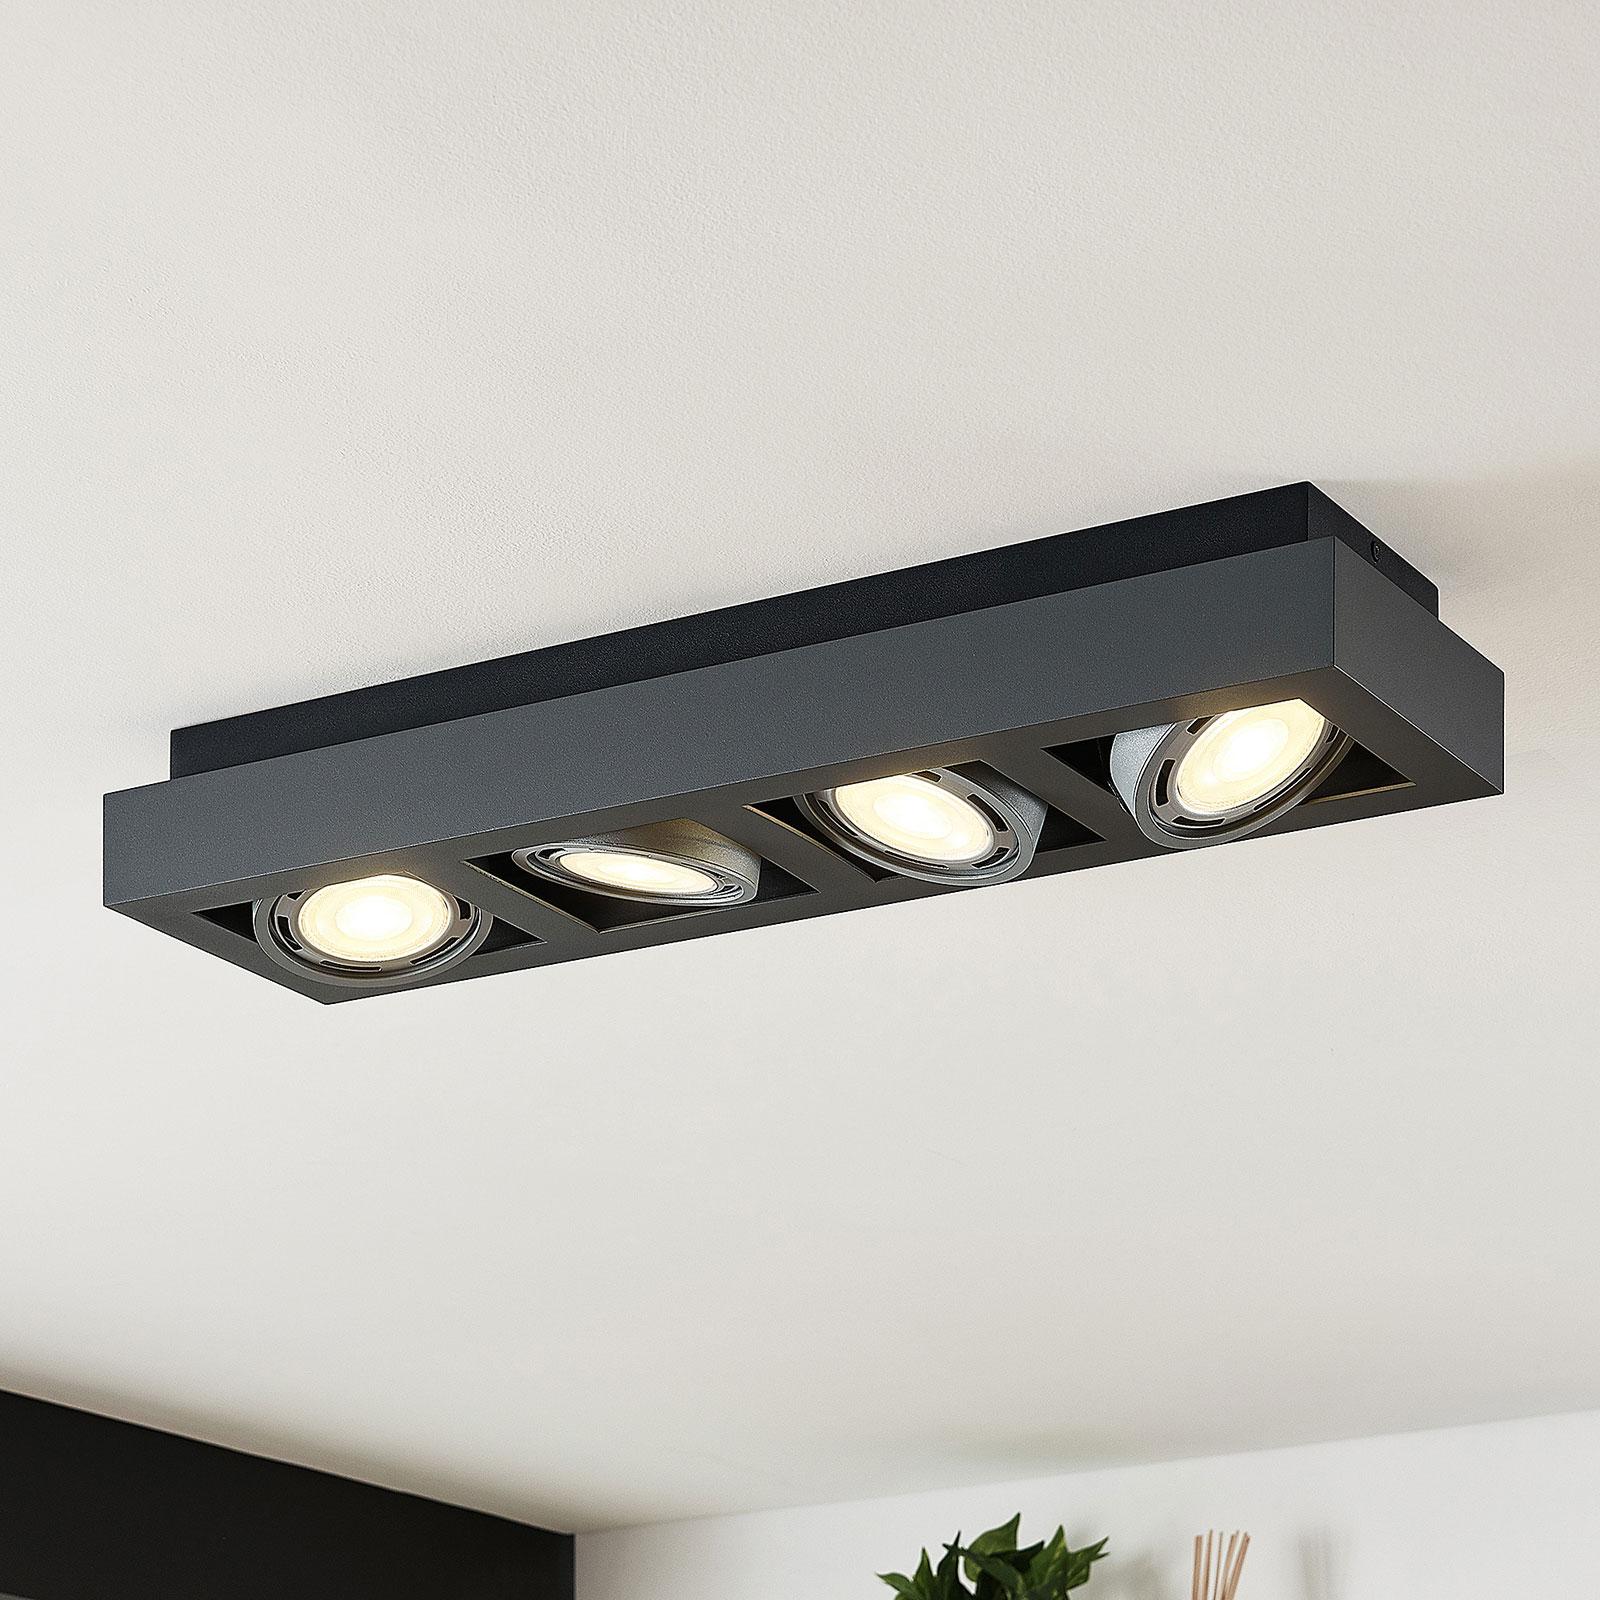 LED-Deckenstrahler Ronka, 4-fl., lang, dunkelgrau